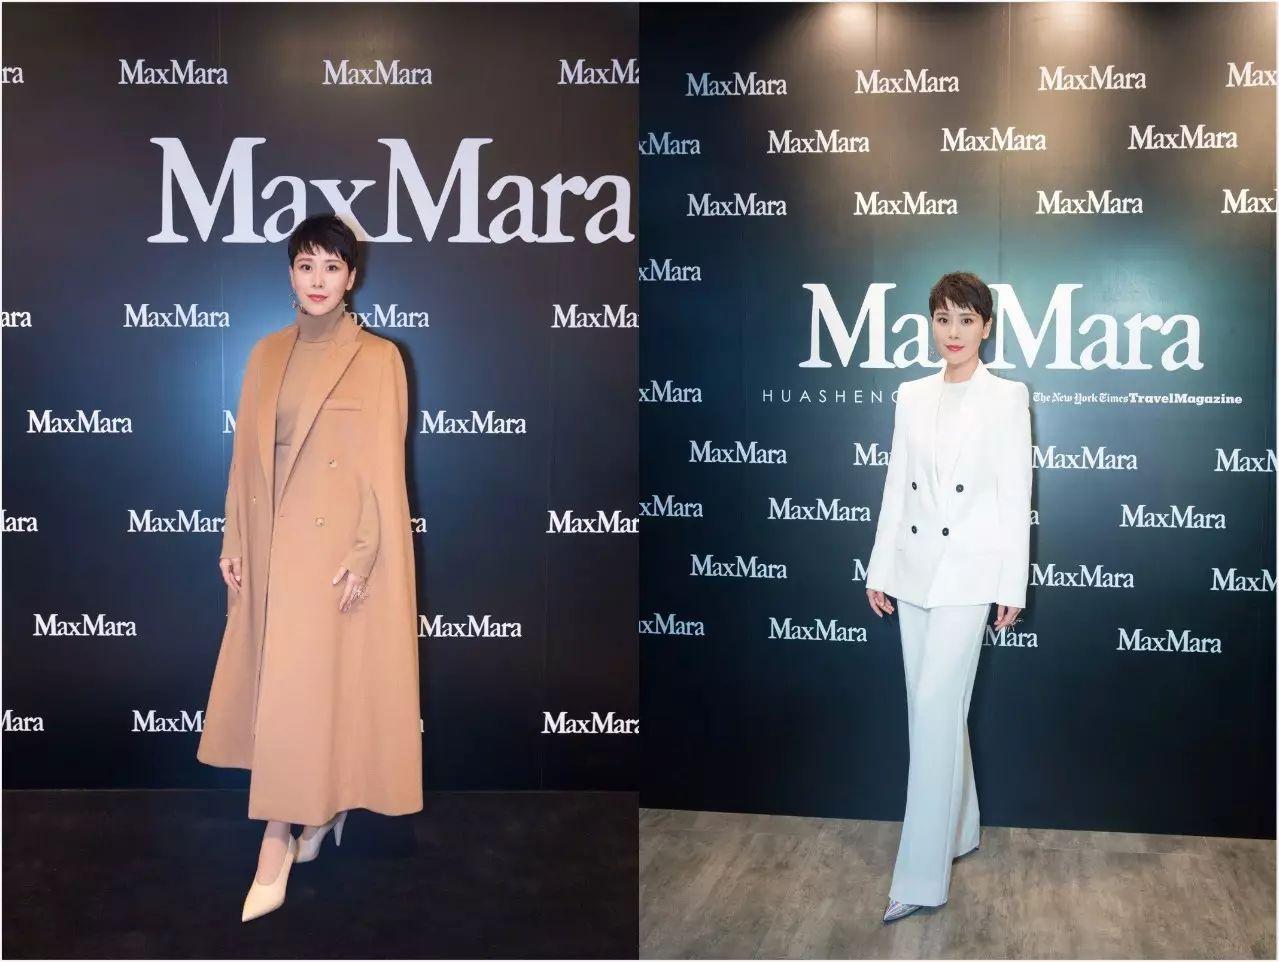 """女友力Max的唐晶和安迪,都是MaxMara大衣的""""超级迷妹""""!"""